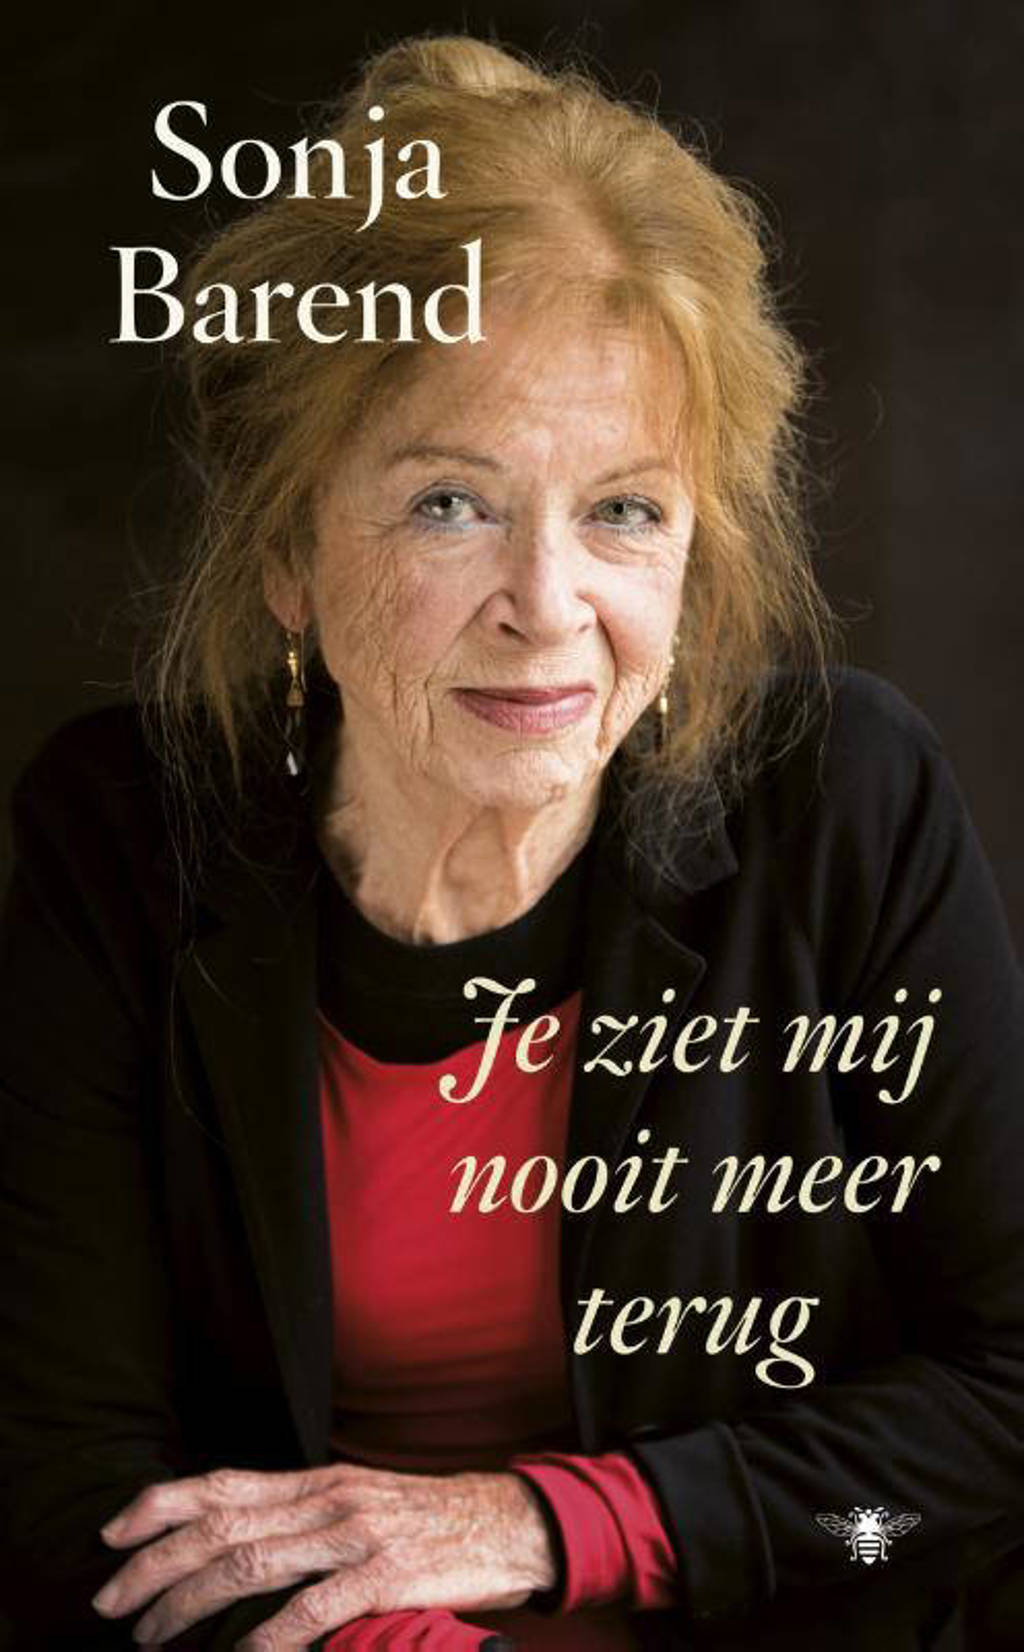 Je ziet mij nooit meer terug - Sonja Barend